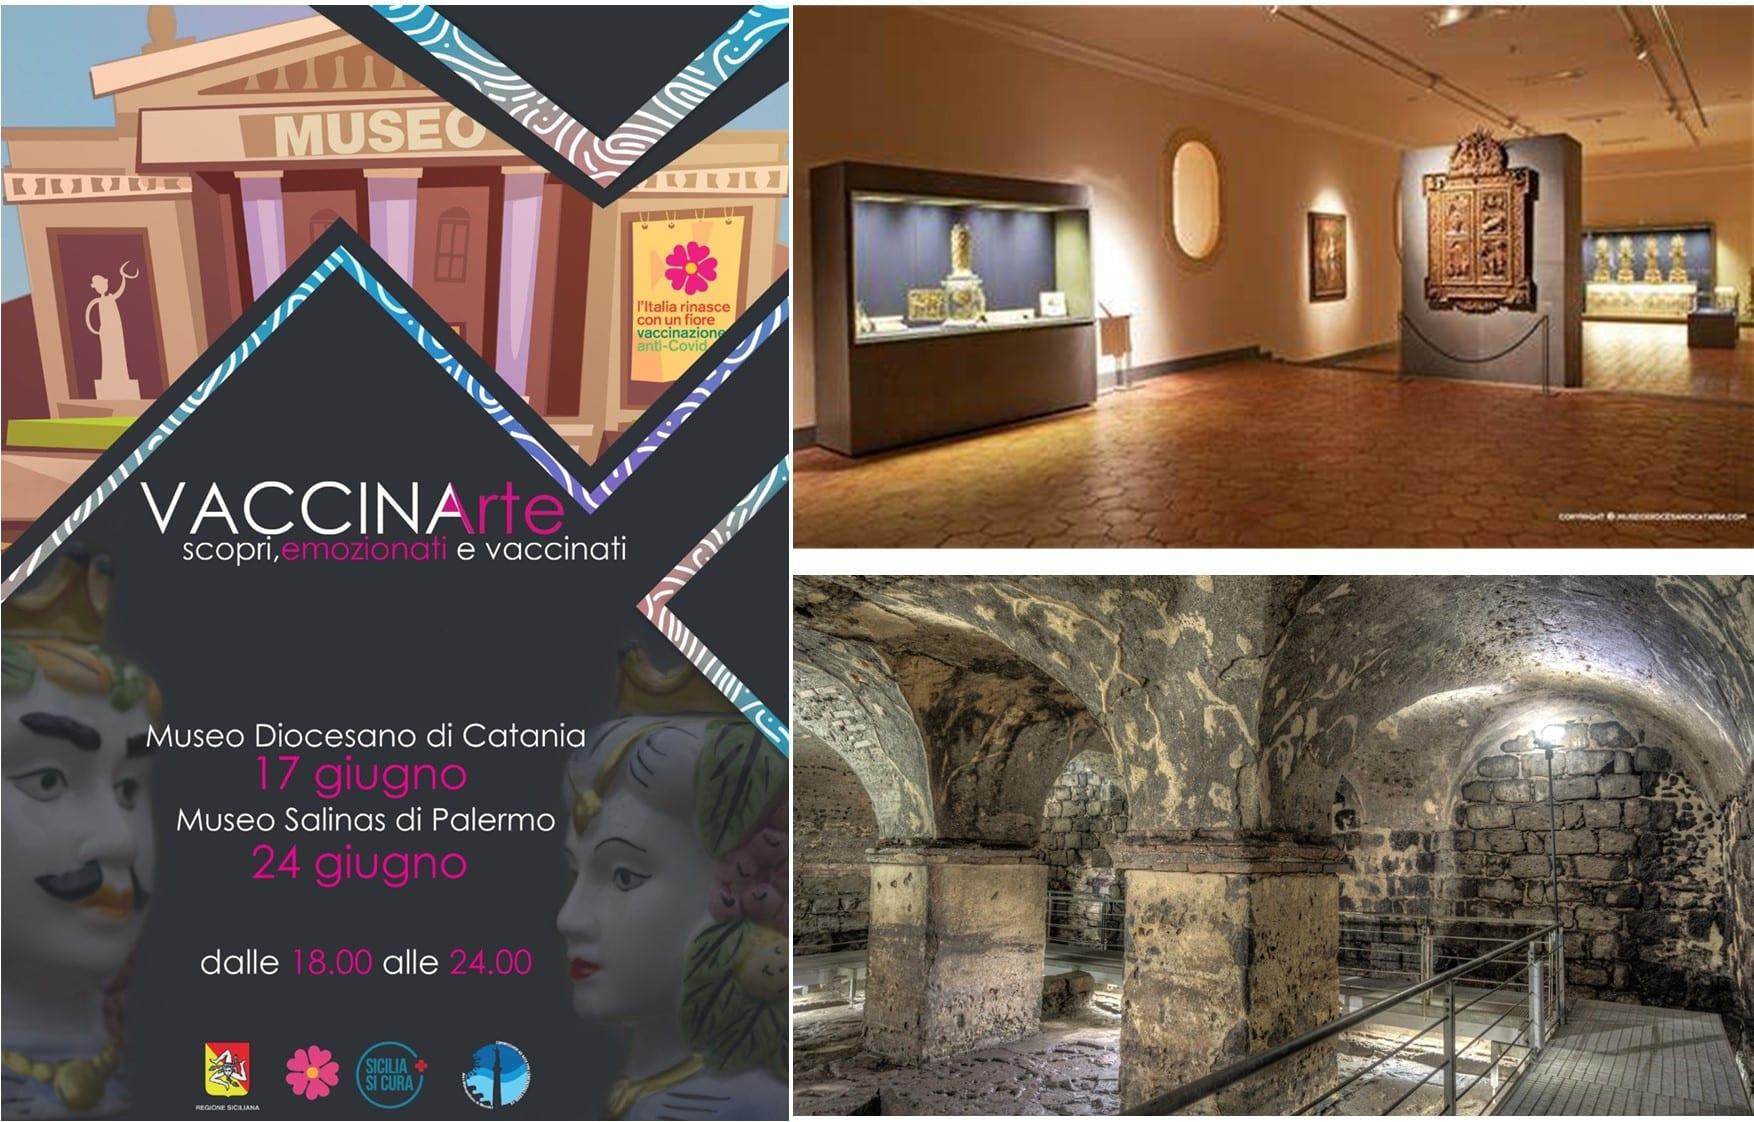 """Torna """"VaccinArte"""", connubio tra cultura e immunizzazione: dalle 18 alle 24 vaccino e visita museo Diocesano a Catania"""